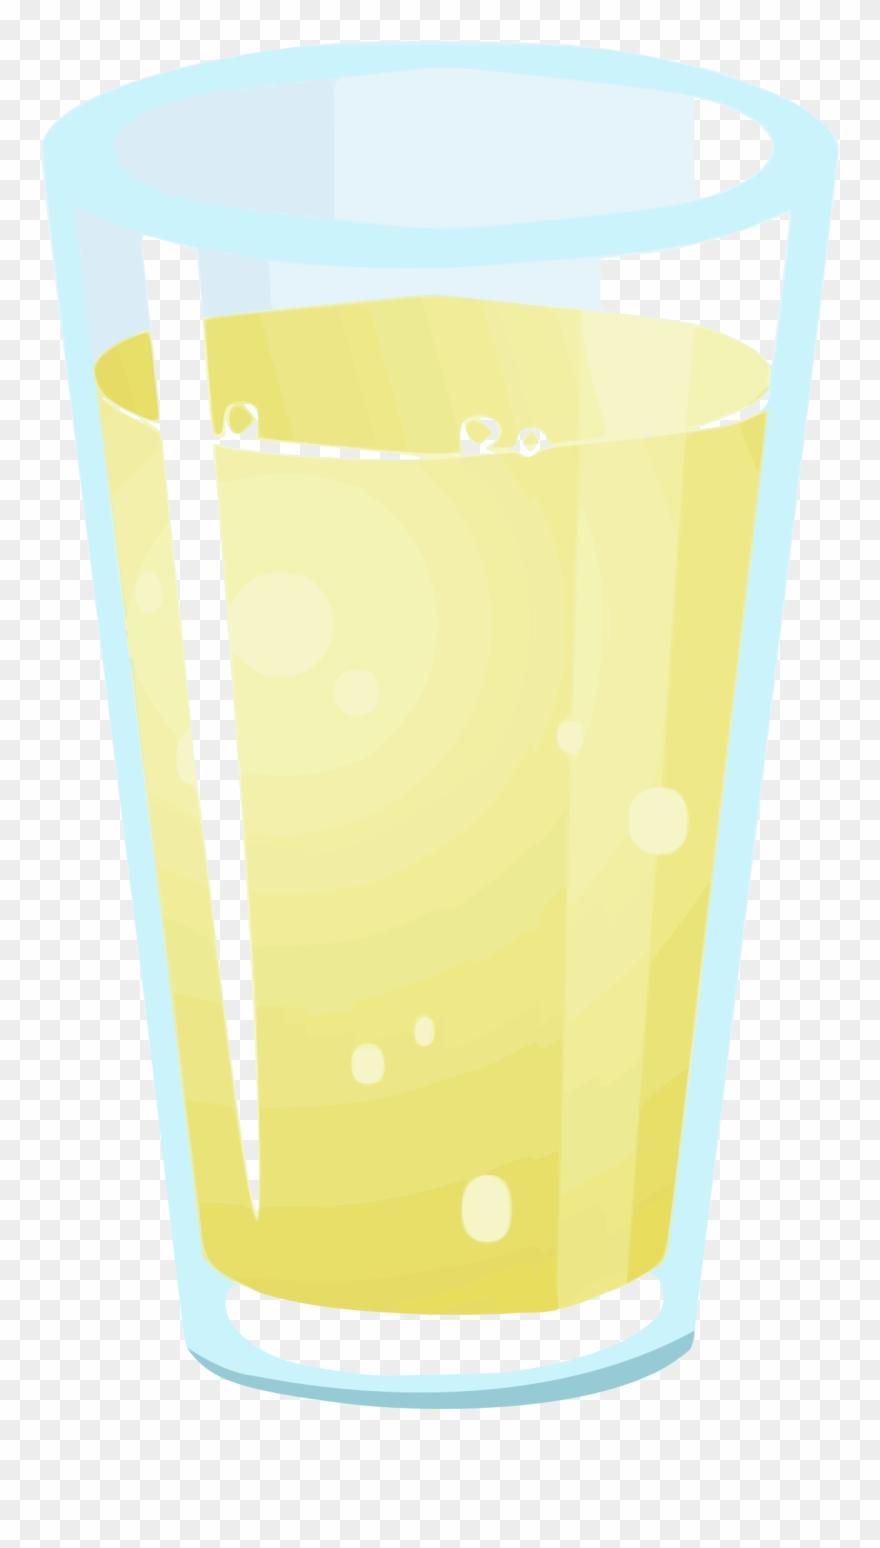 Lemon juice clipart svg transparent Lemon Juice Glitch Clipart (#1022890) - PinClipart svg transparent